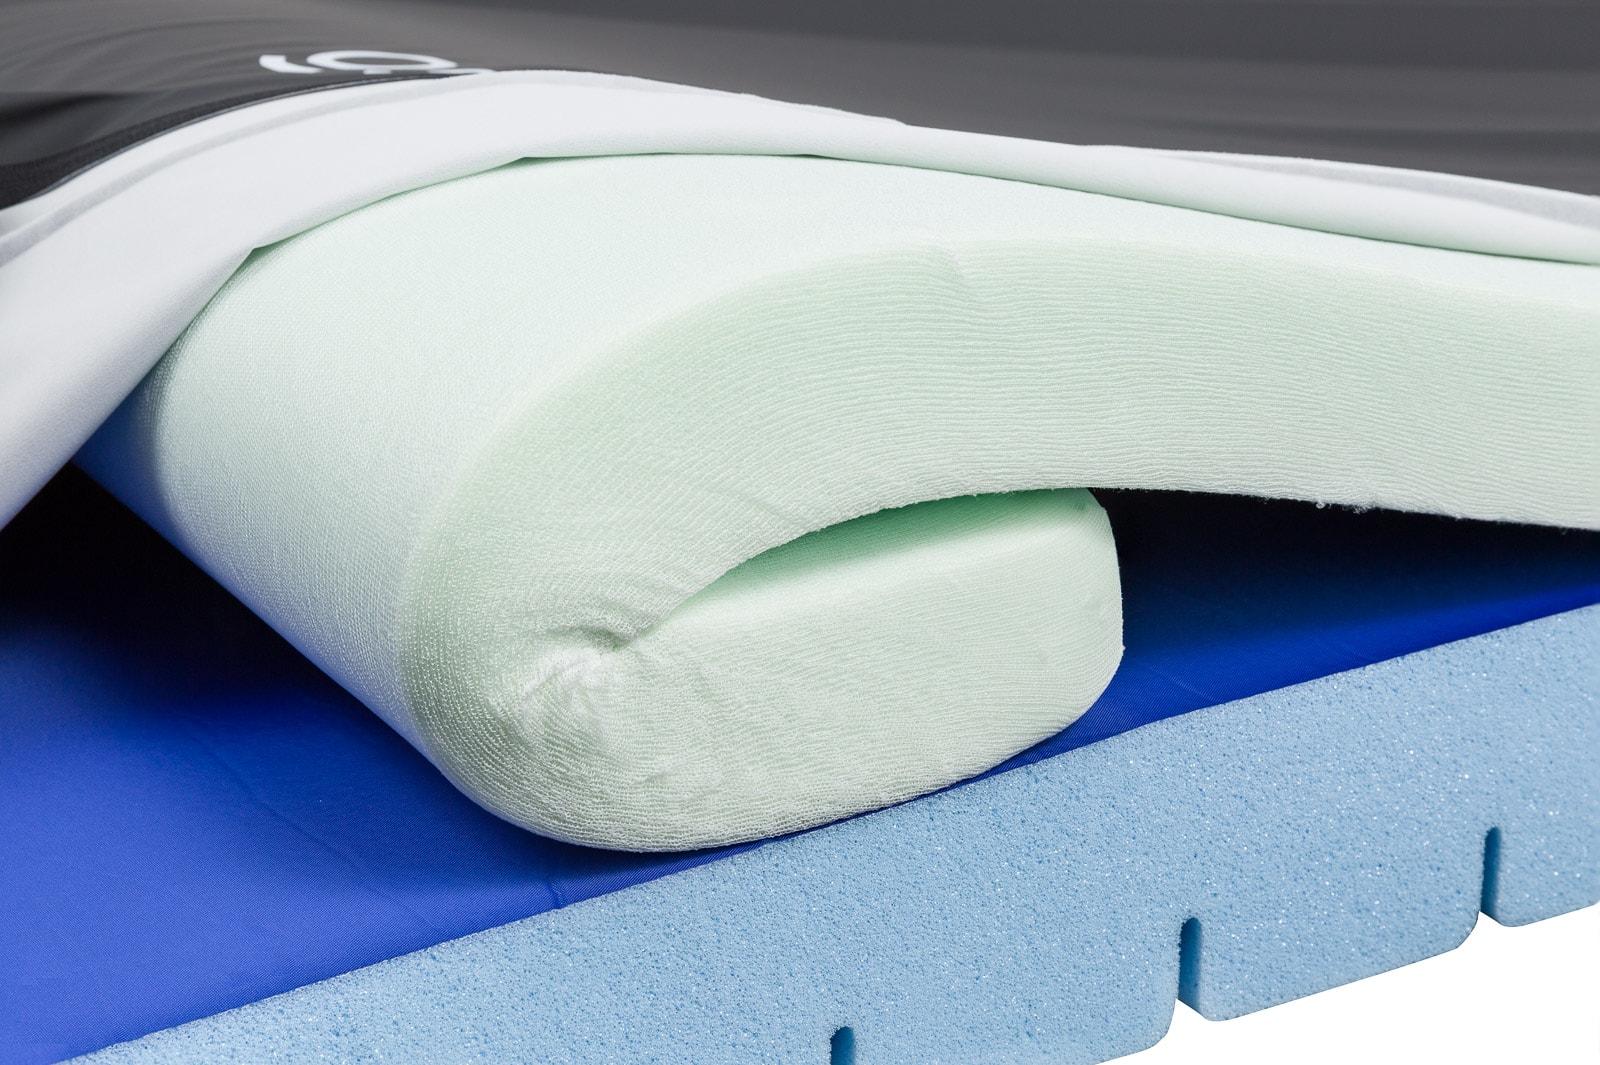 oska mattress foam features product close-up